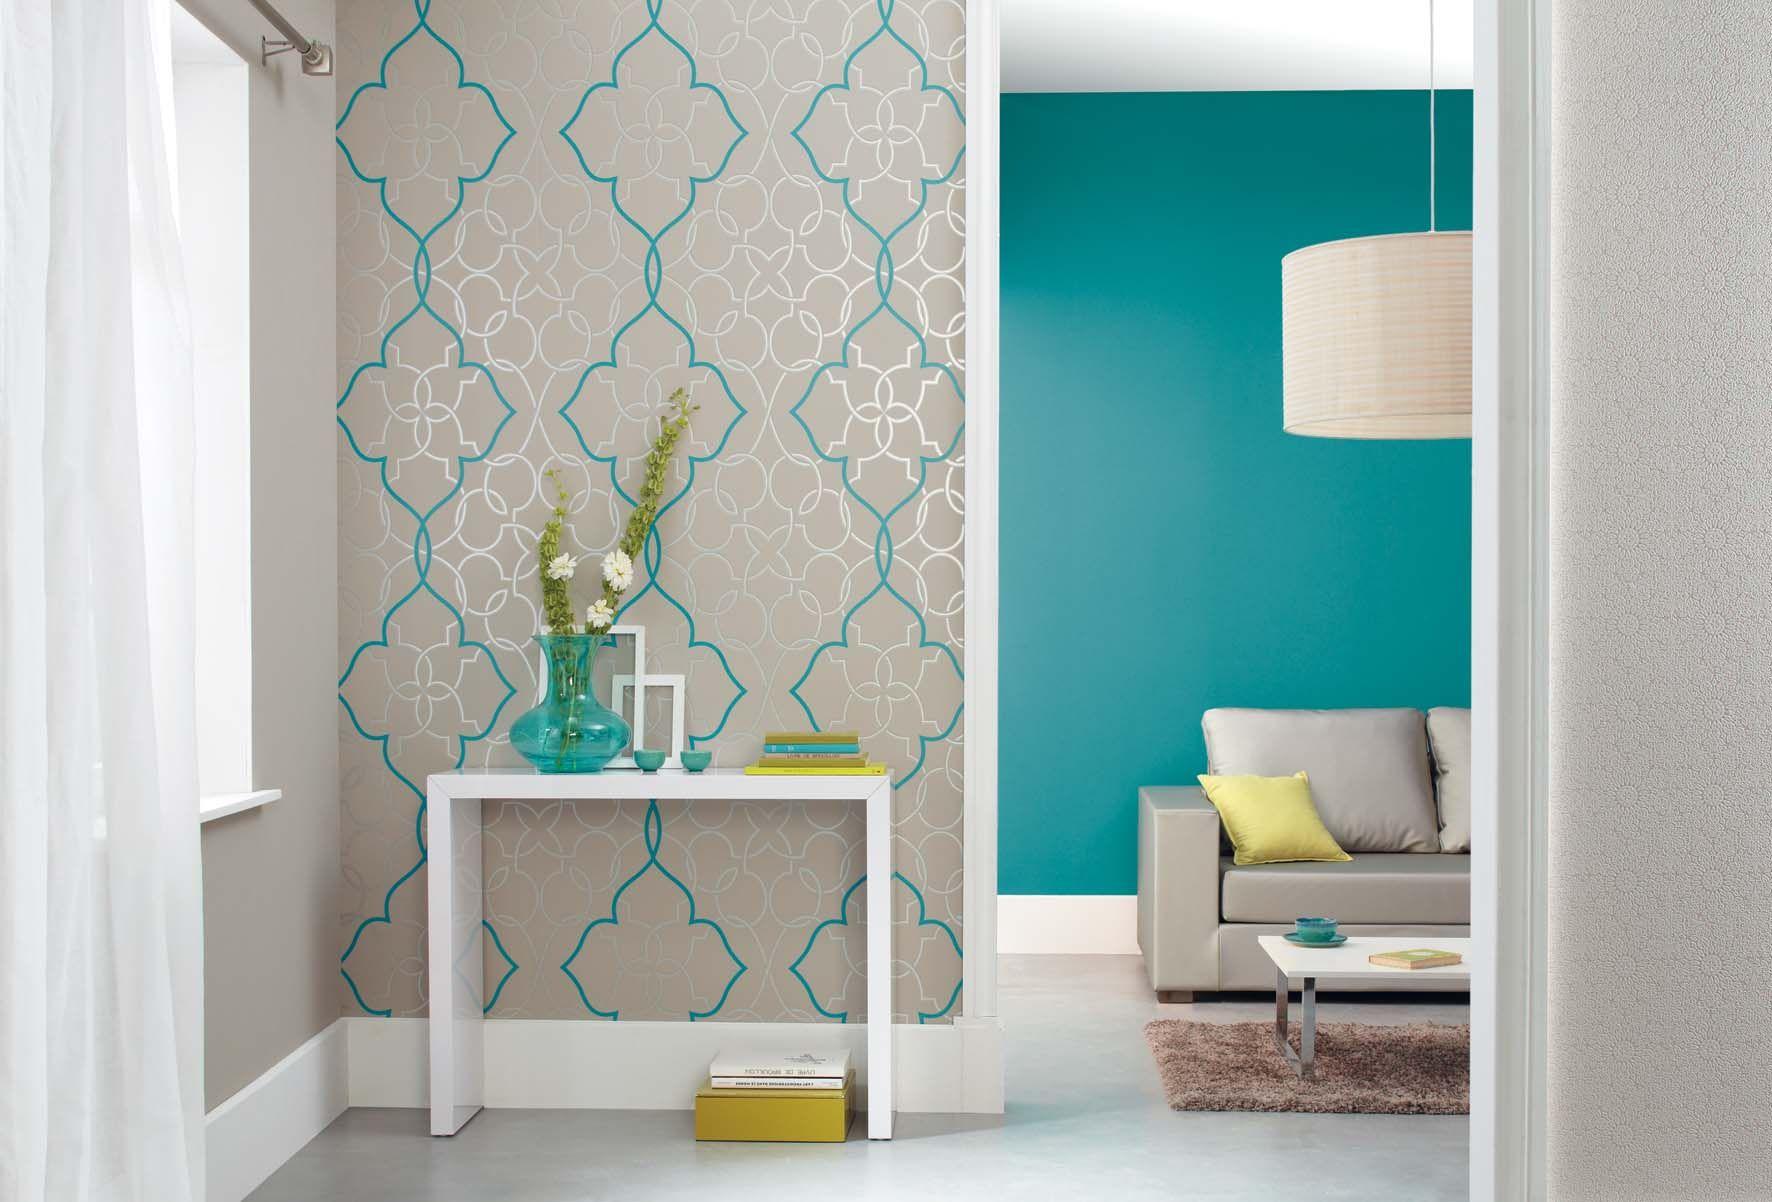 papier peint mur entr e papier peint et couleur entree pinterest peindre mur papier. Black Bedroom Furniture Sets. Home Design Ideas